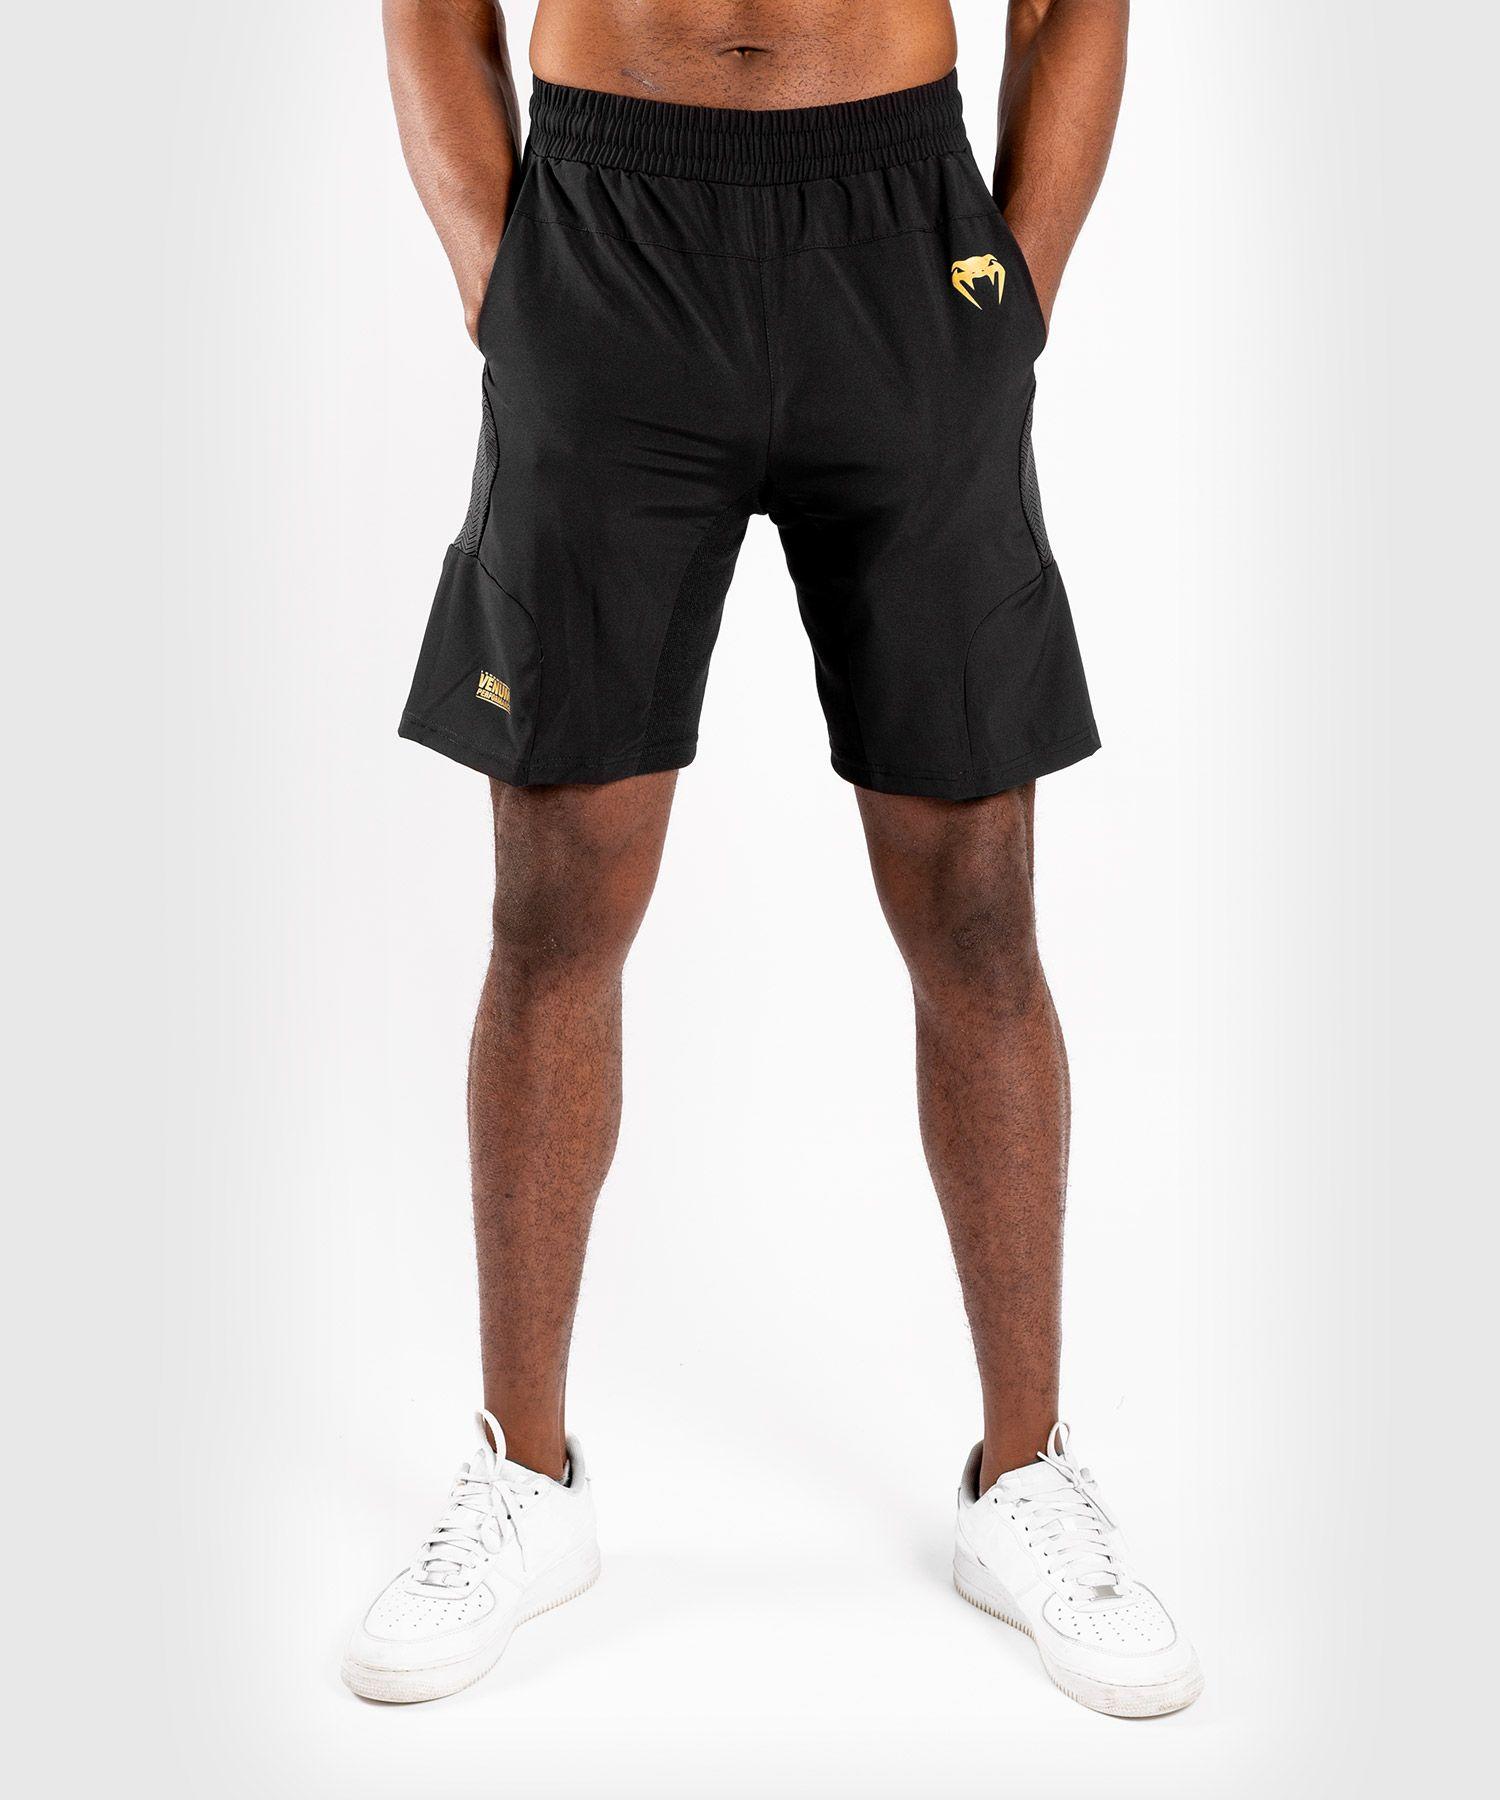 Шорты для тренировок Venum G-Fit - Черный/Золотой